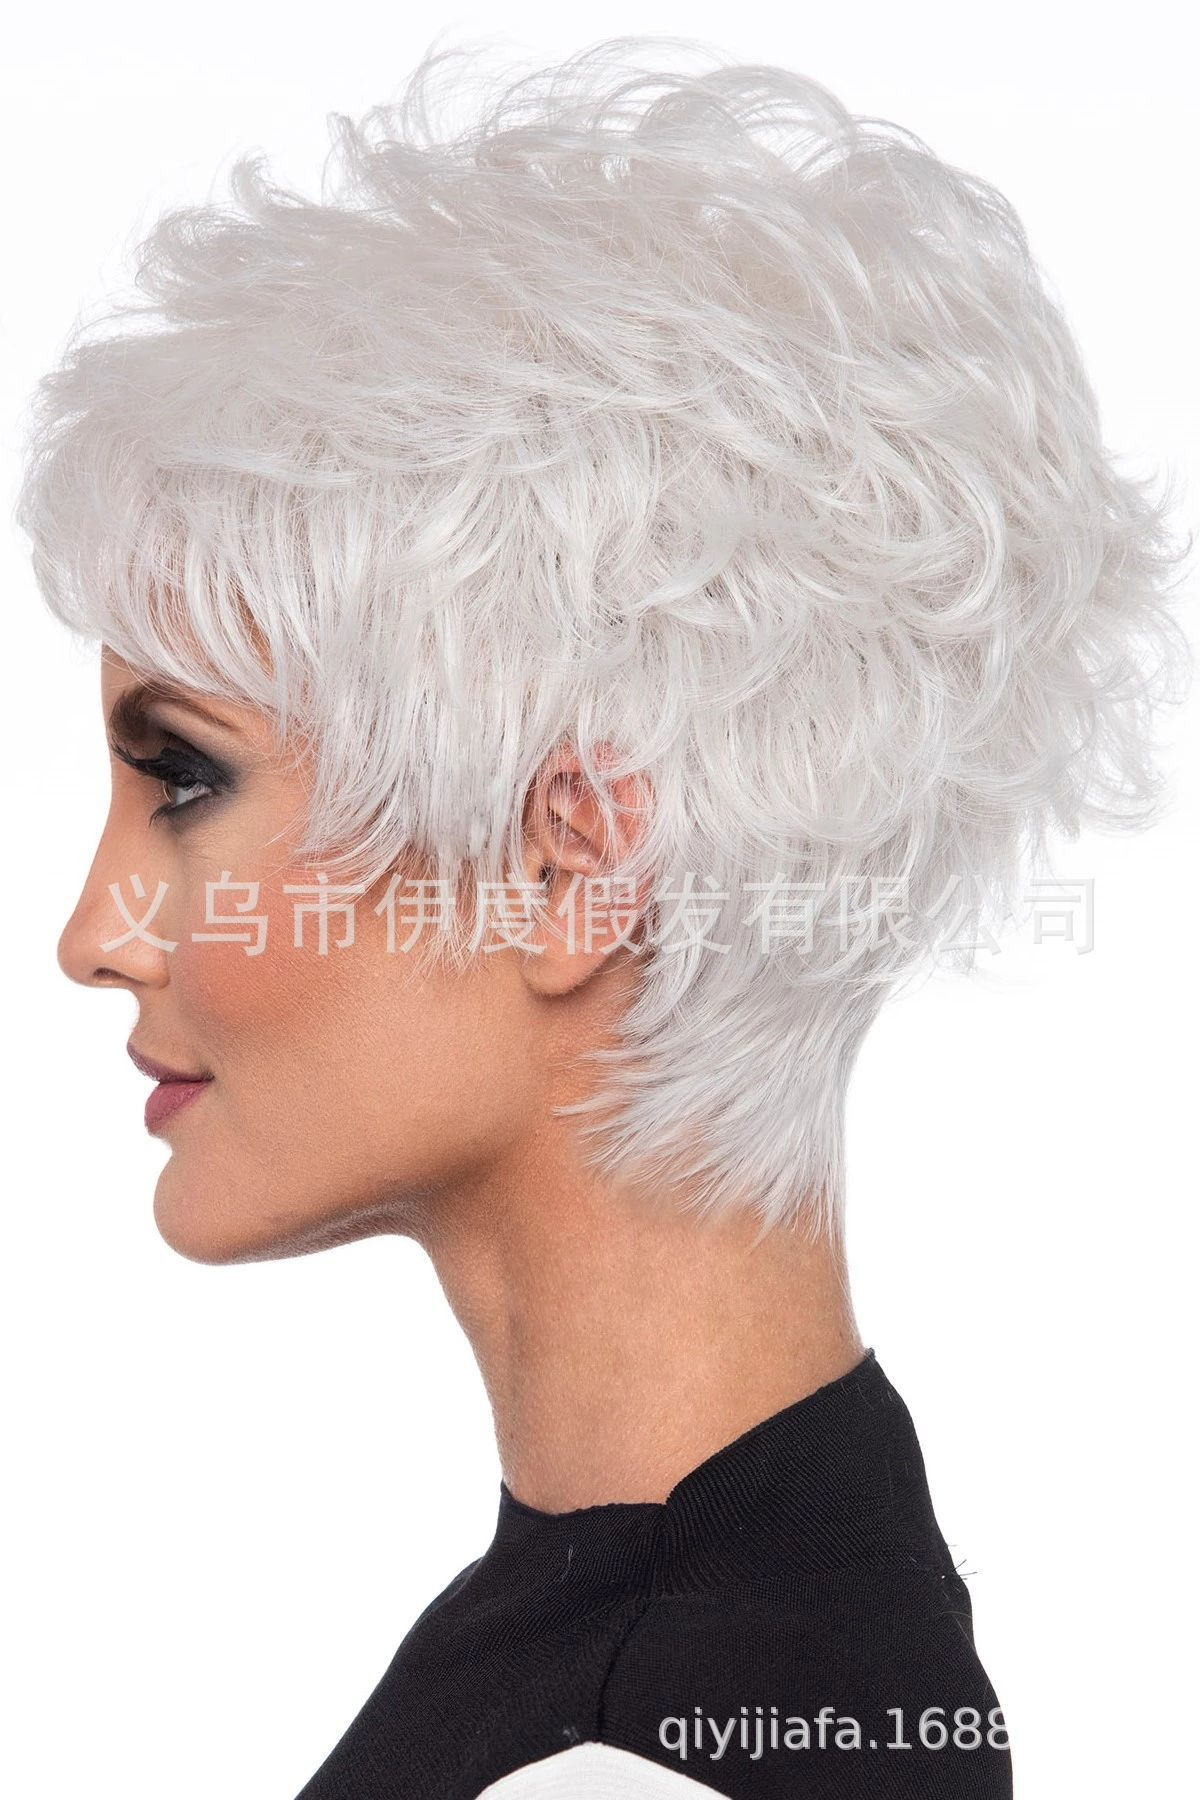 Short White Hair Styles Online Shopping Buy Short White Hair Styles At Dhgate Com